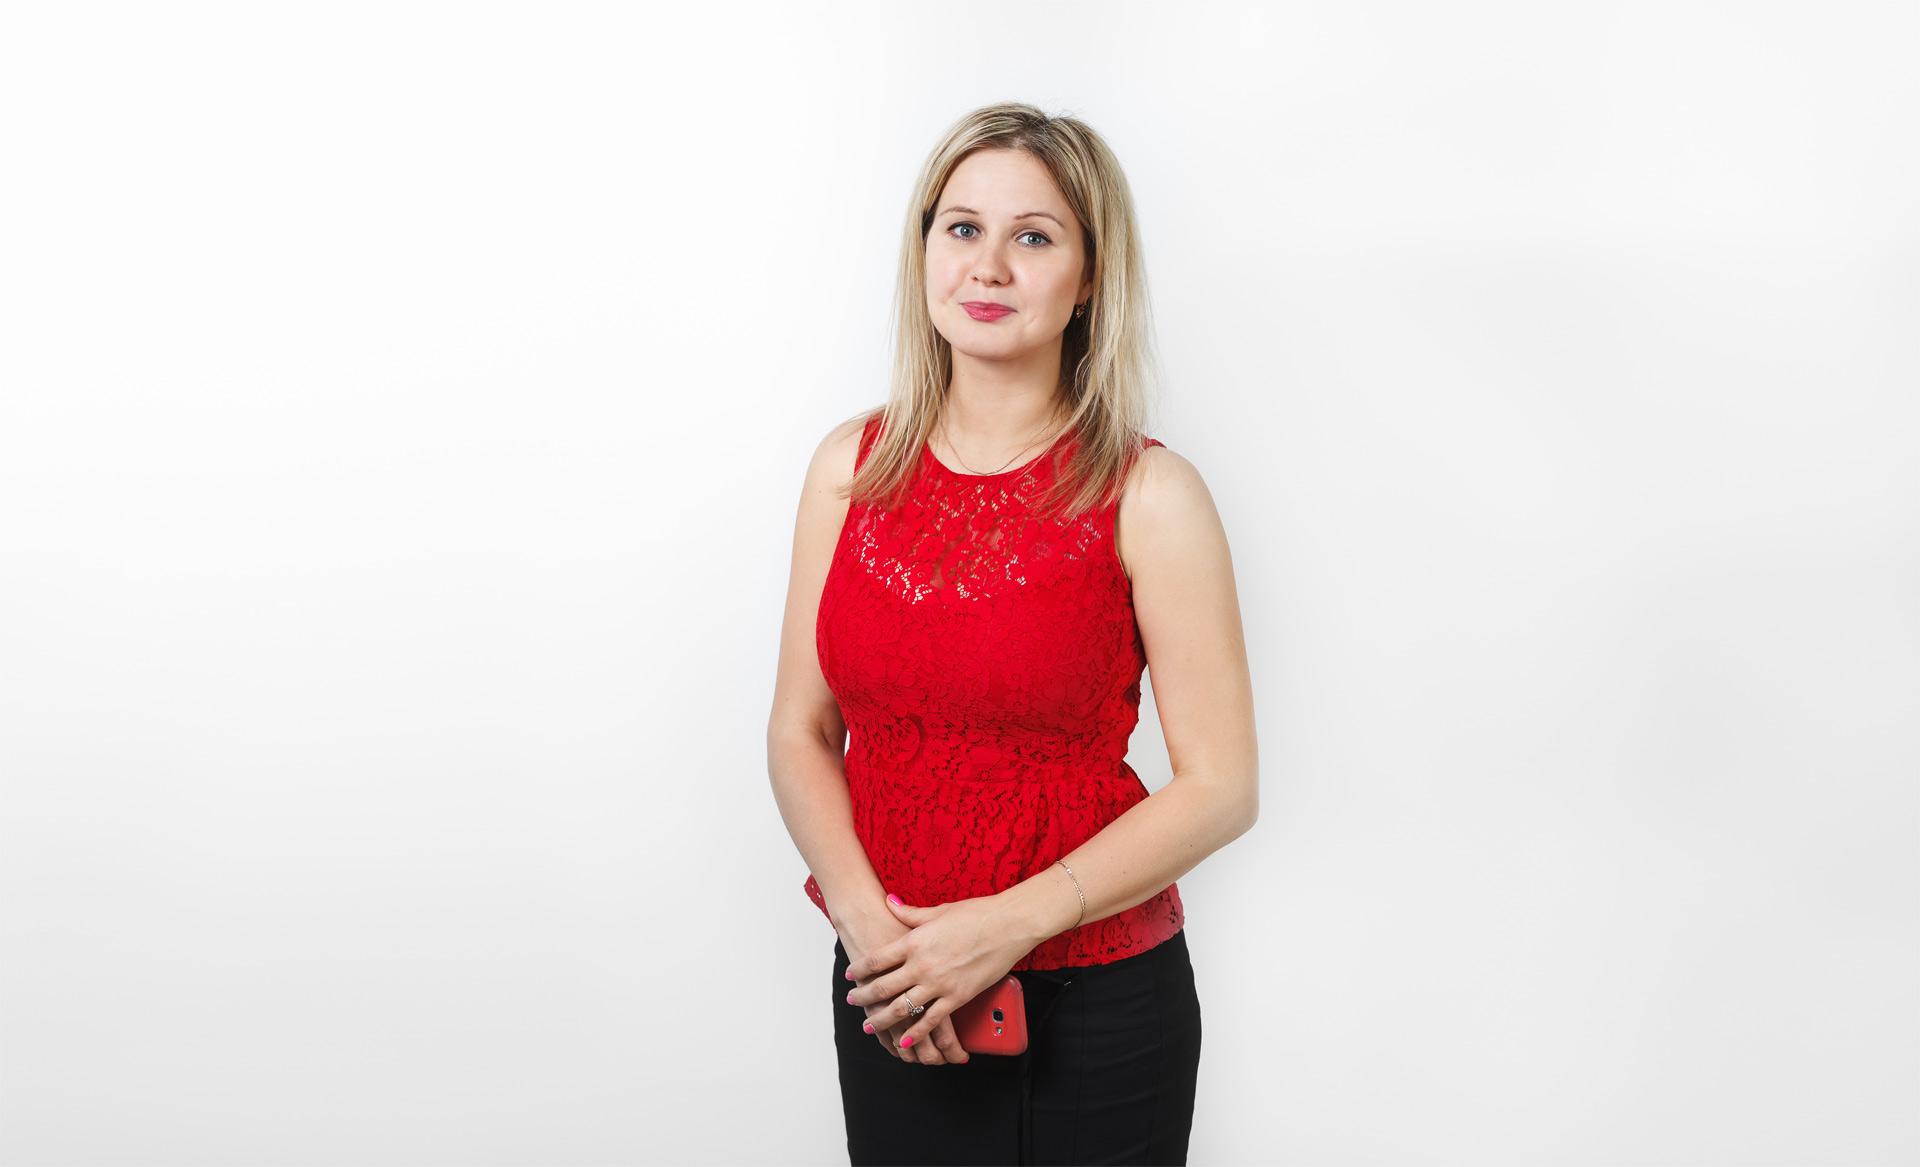 Анастасия Карлова, основатель косметической линии для спорта